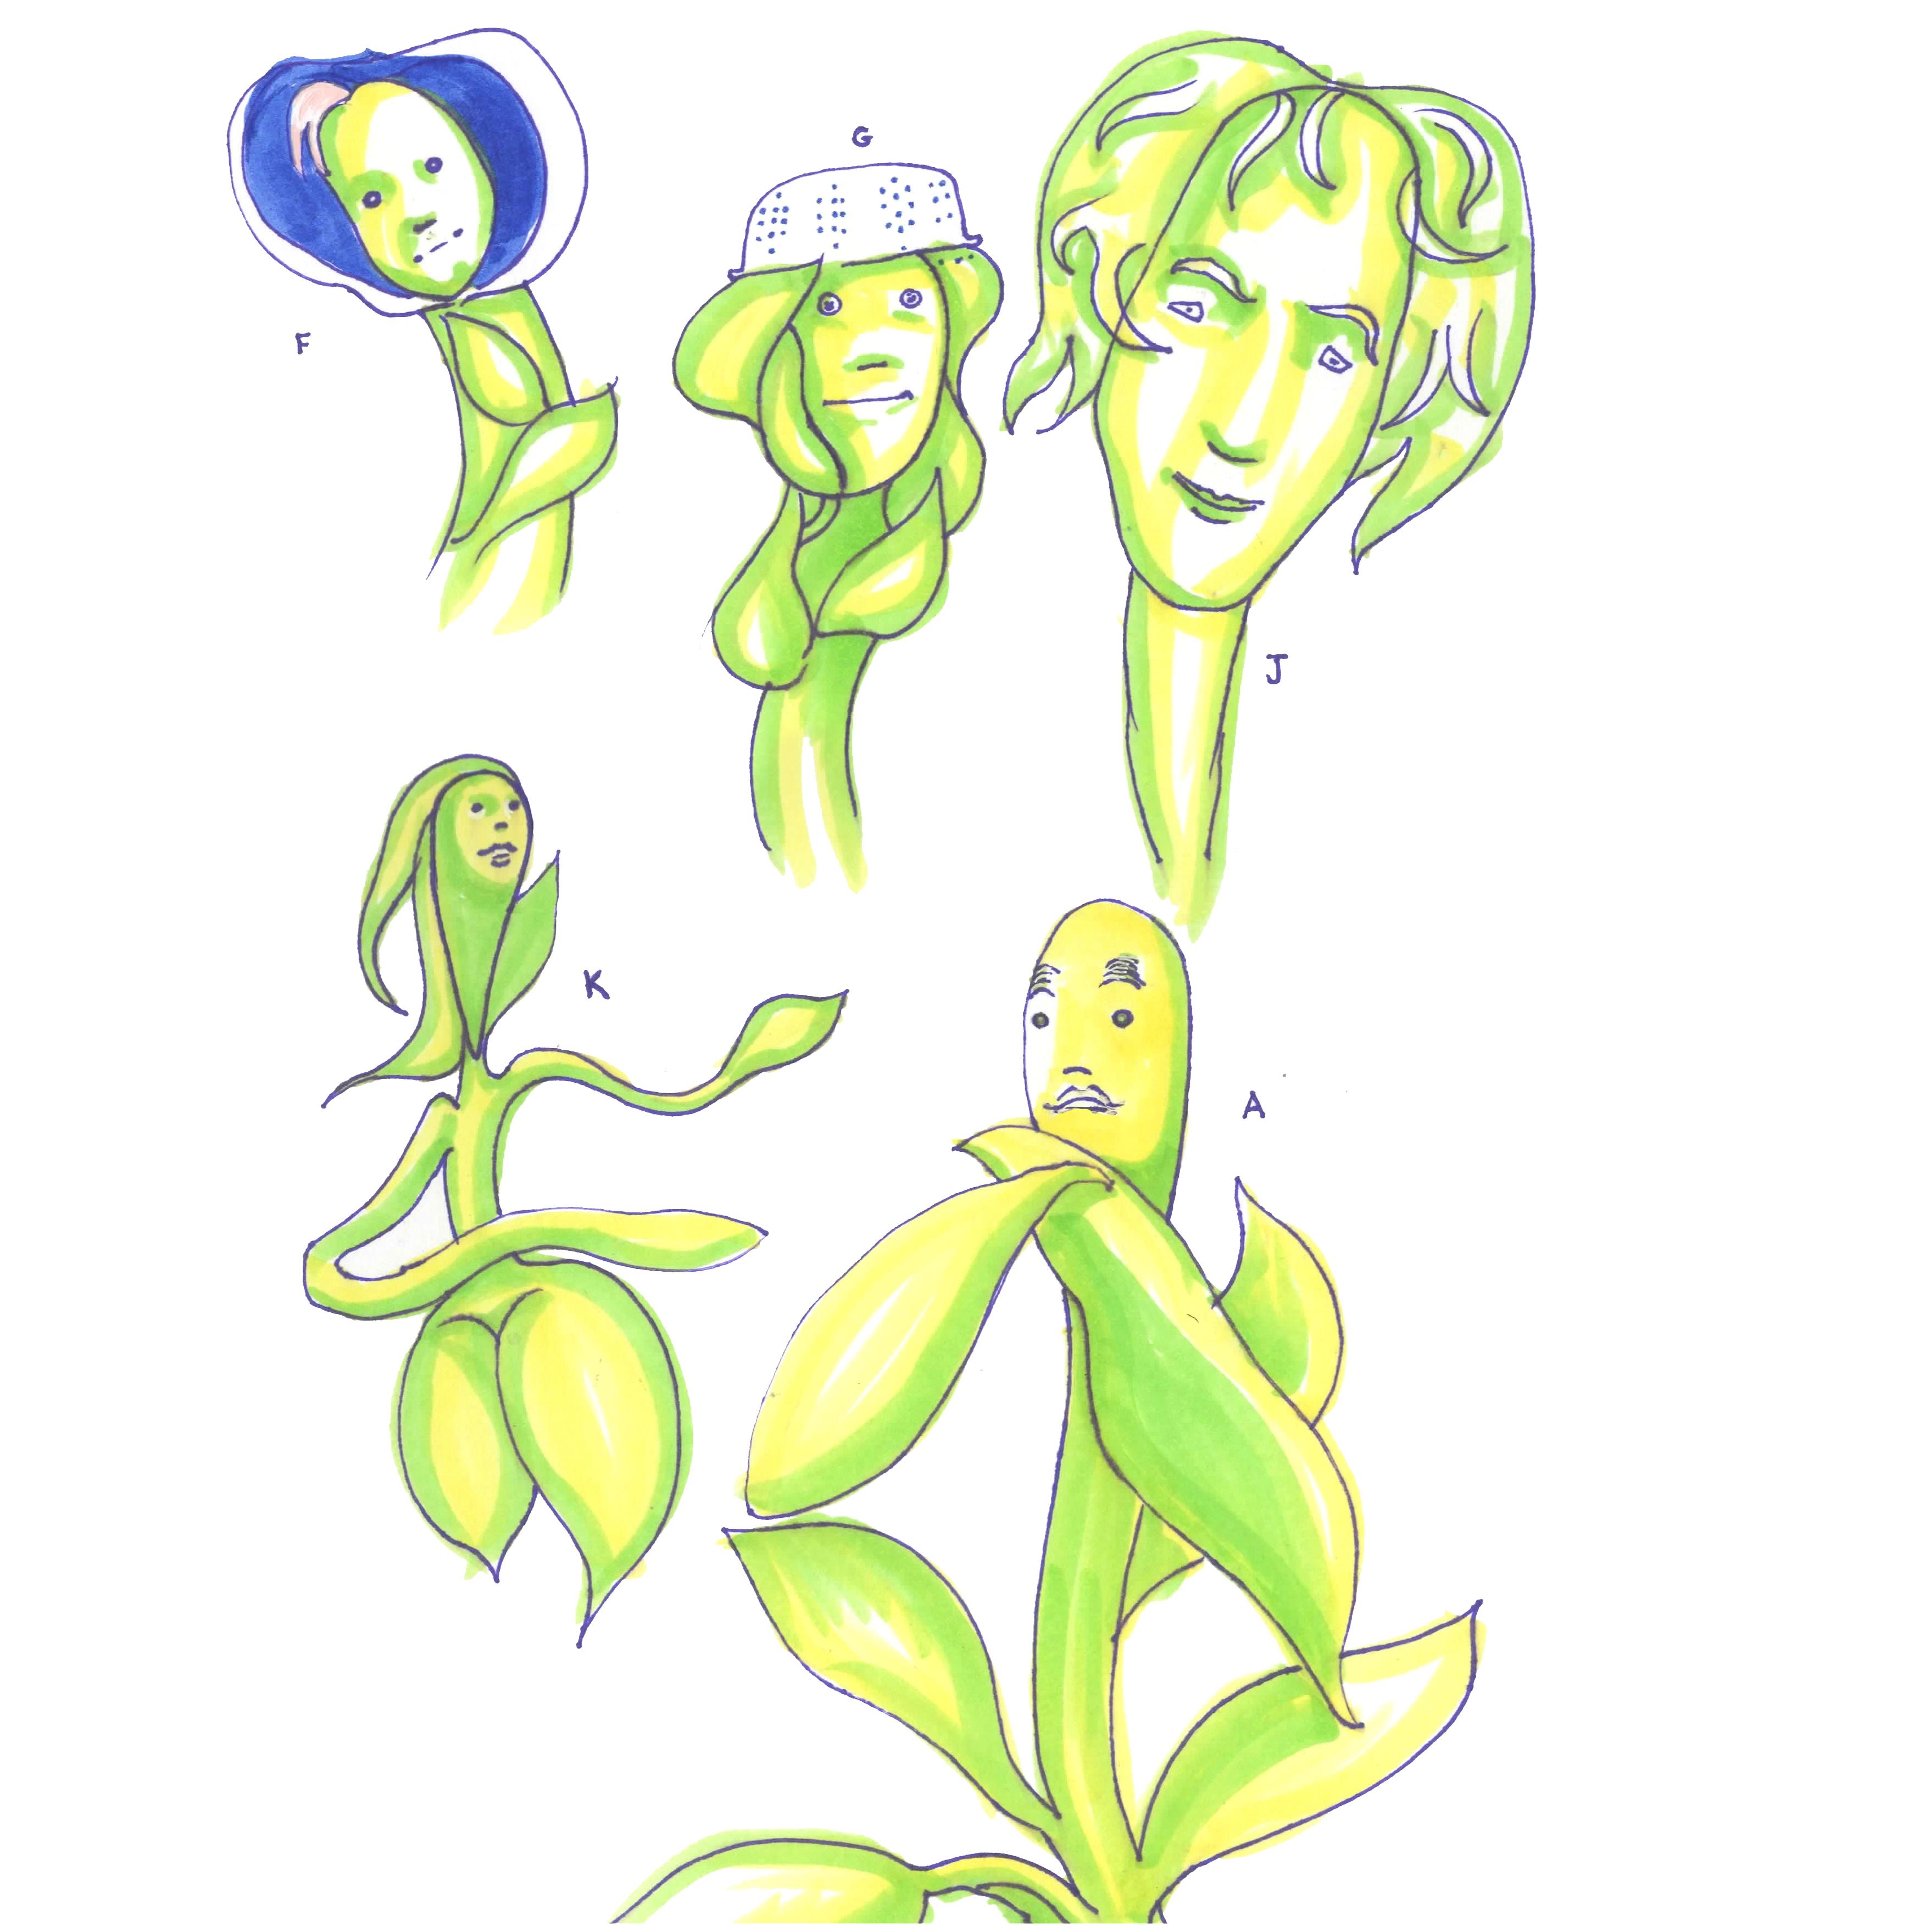 surreal people plants